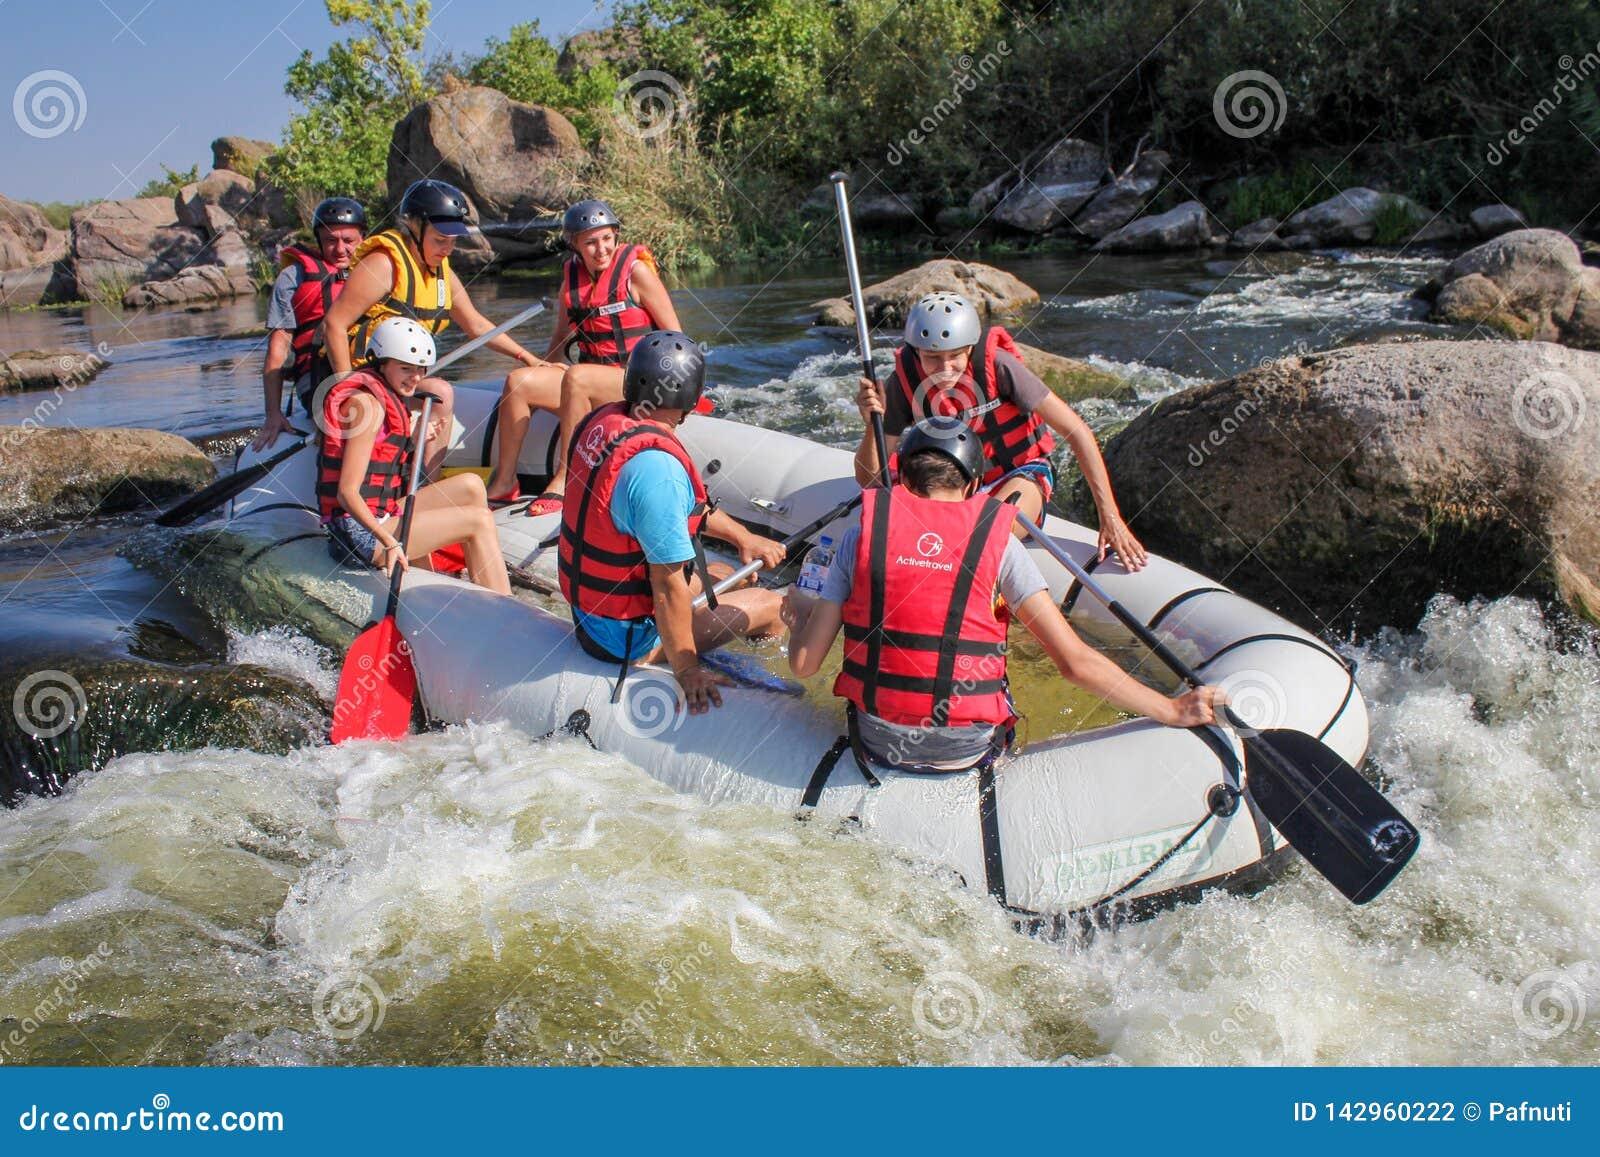 Ομάδα τυχοδιώκτη που απολαμβάνει τη rafting δραστηριότητα νερού στο νότιο ποταμό ζωύφιου